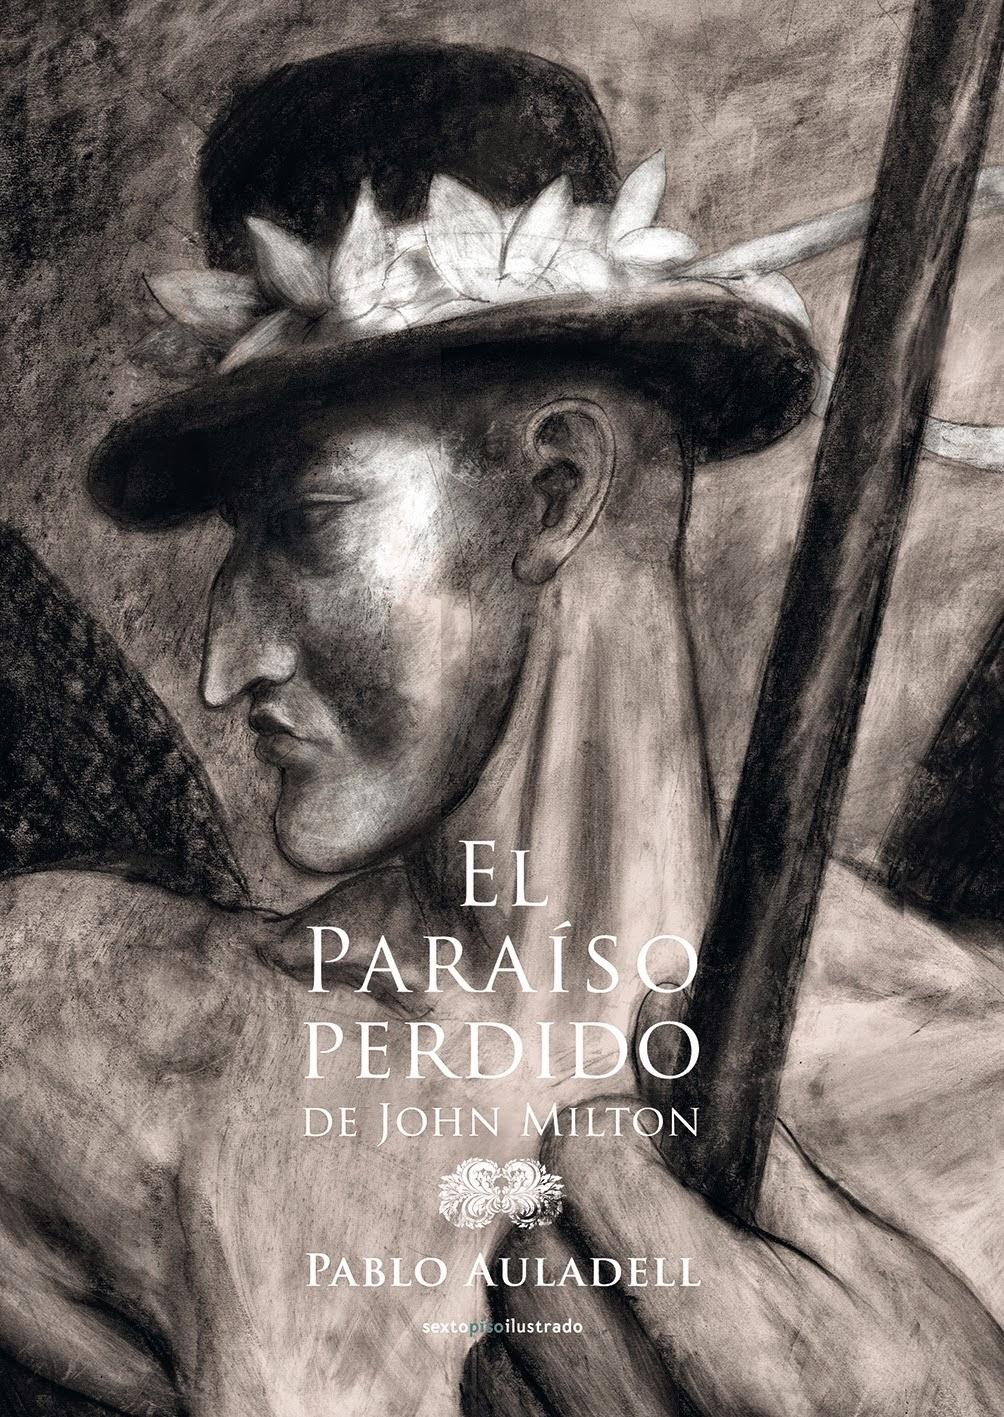 http://encuentrosconlasletras.blogspot.com.es/2015/02/el-paraiso-perdido-de-pablo-auladell.html